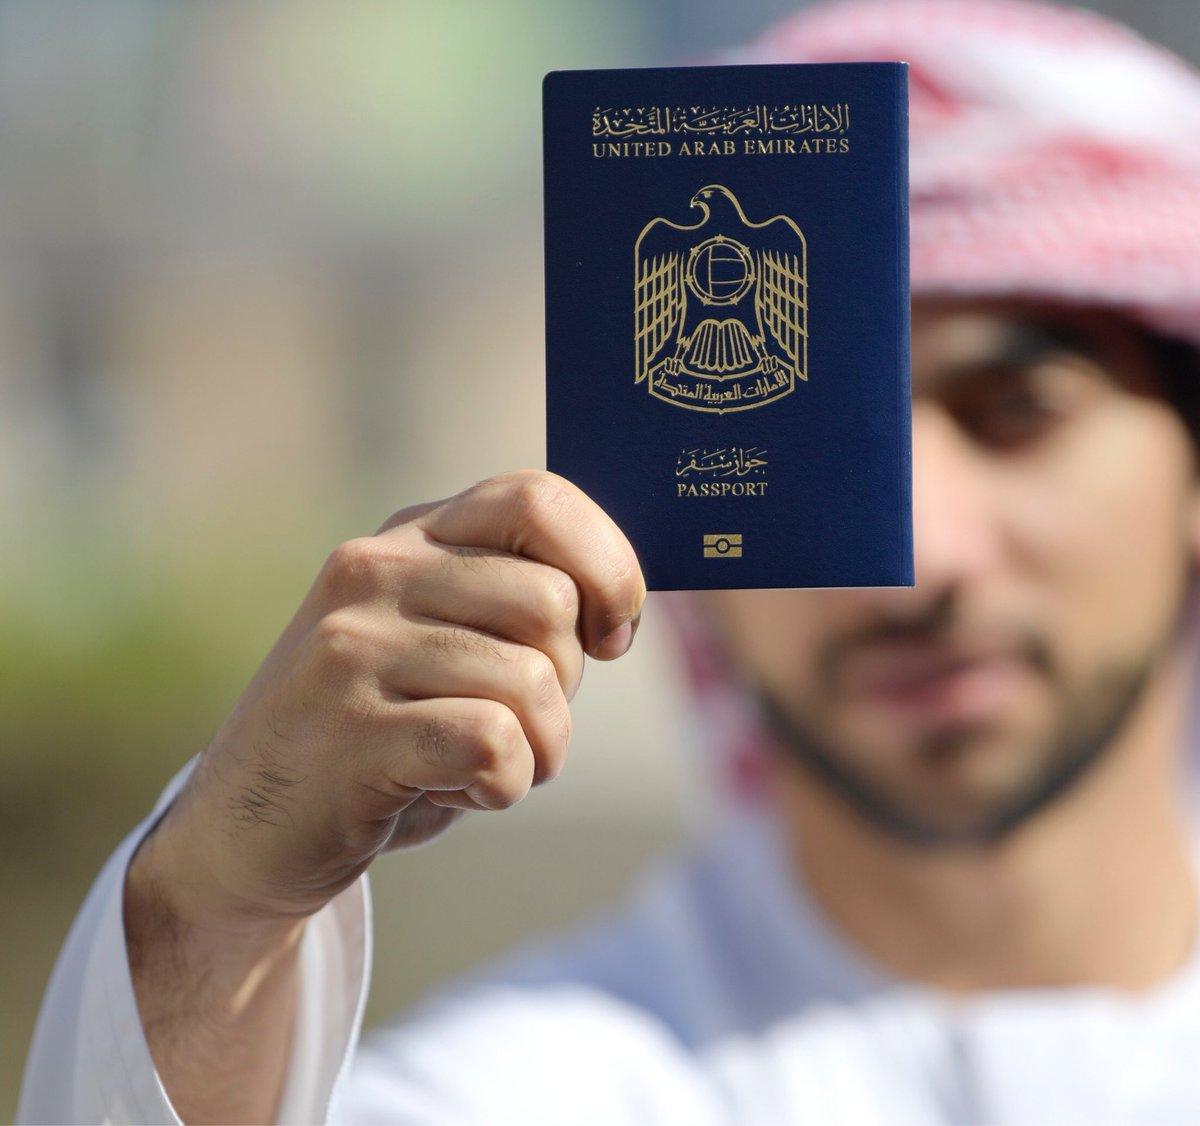 جواز السفر الإماراتي ضمن أقوى 9 جوازات عالمياً